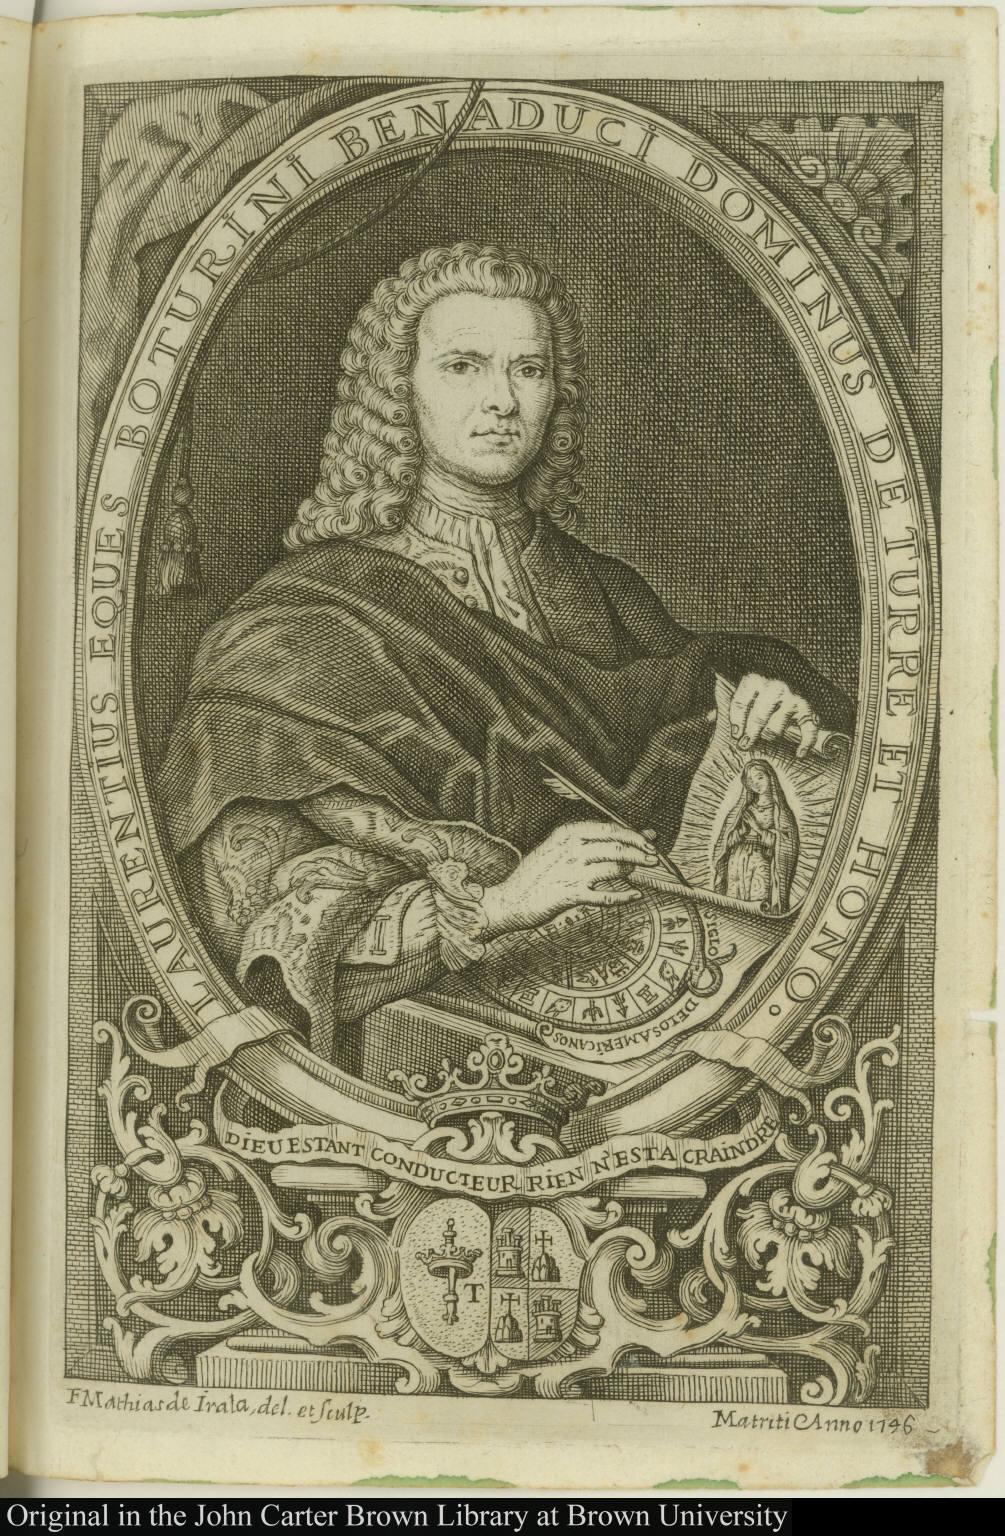 Laurentius eques Boturini Benaduci Dominus de Turre et Hono.